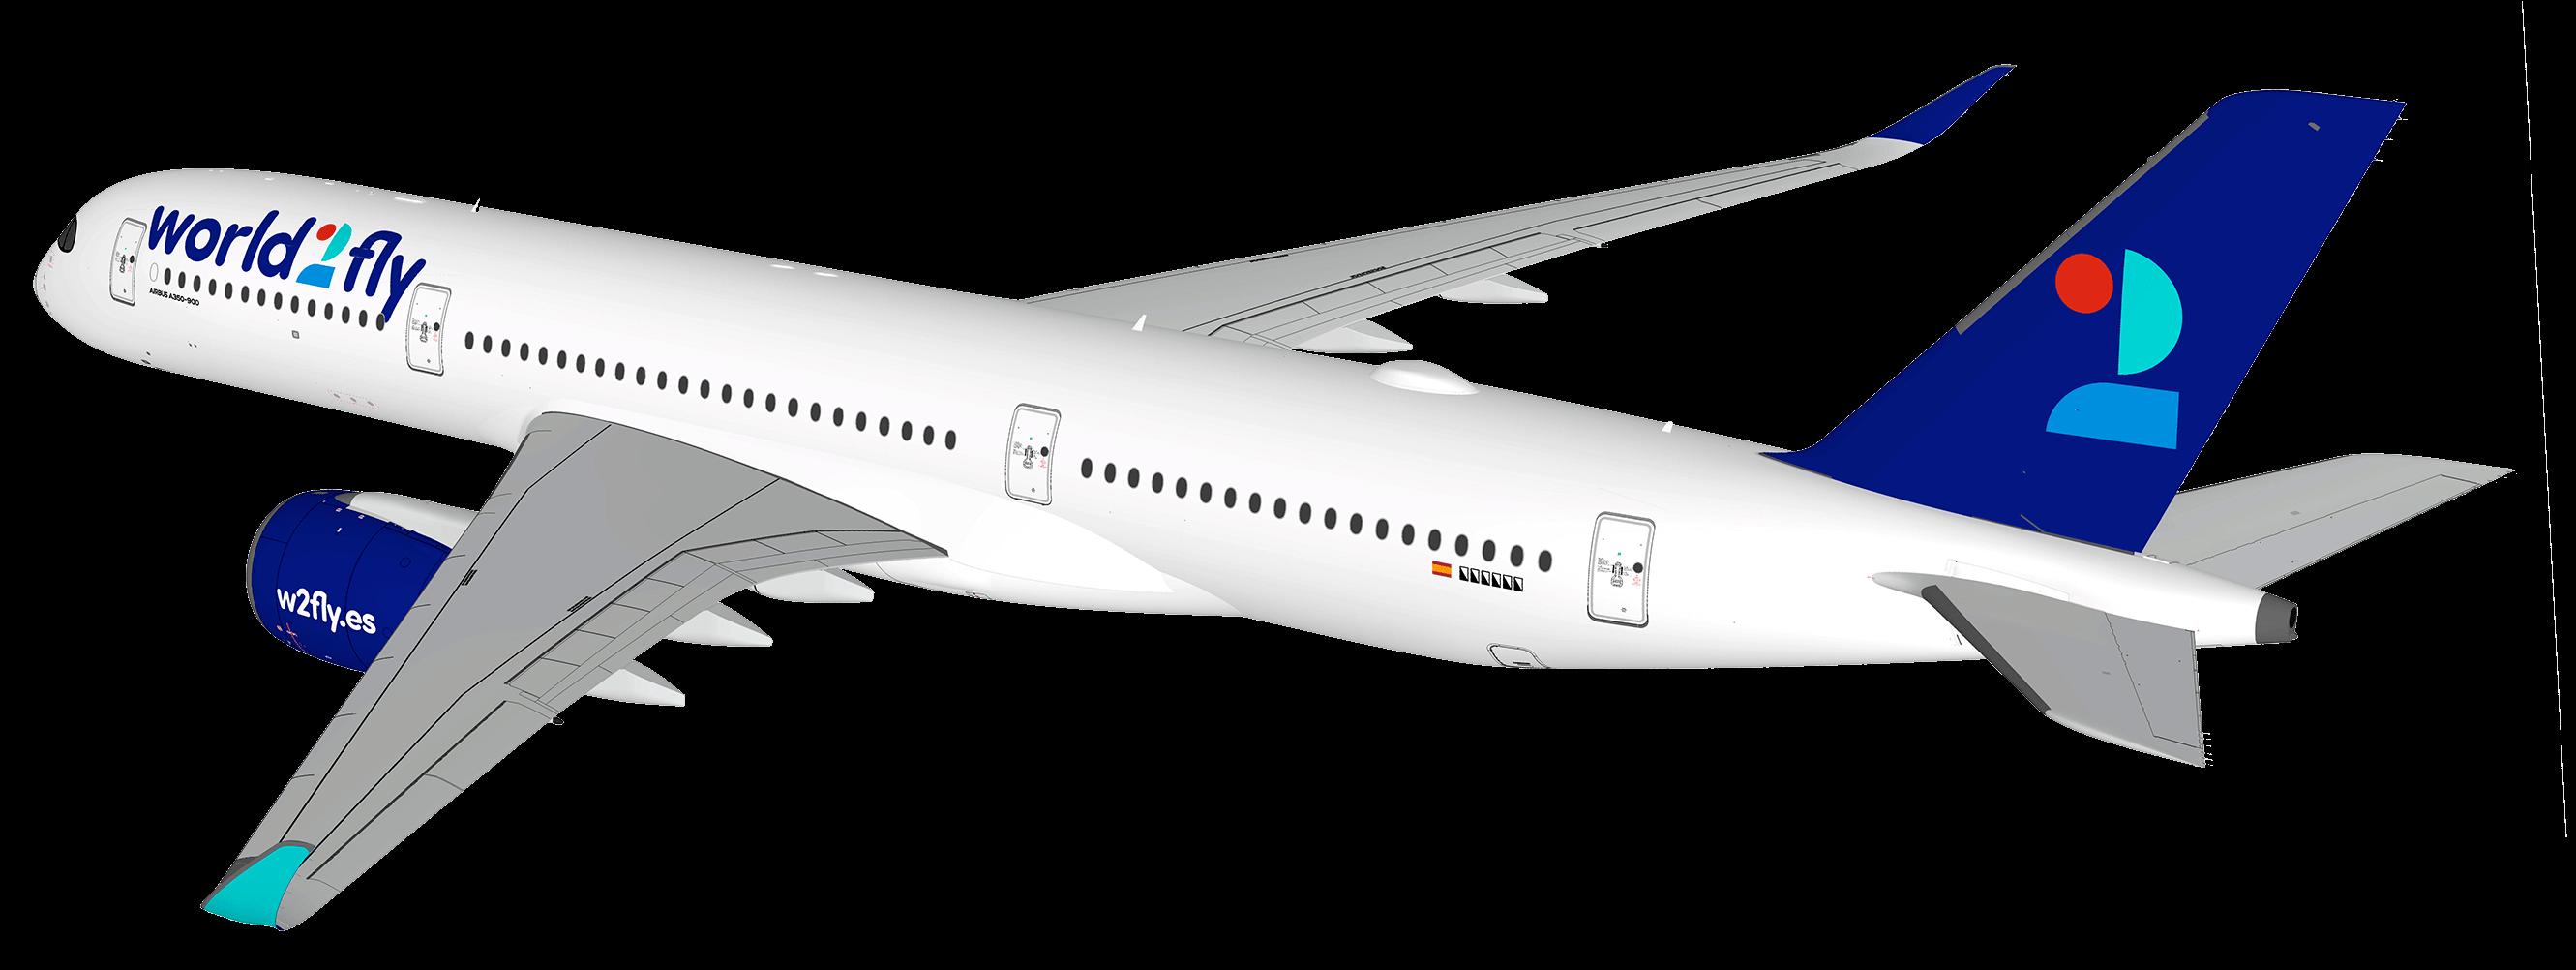 World2Fly: Inside Spain's Transatlantic Airline Start Up